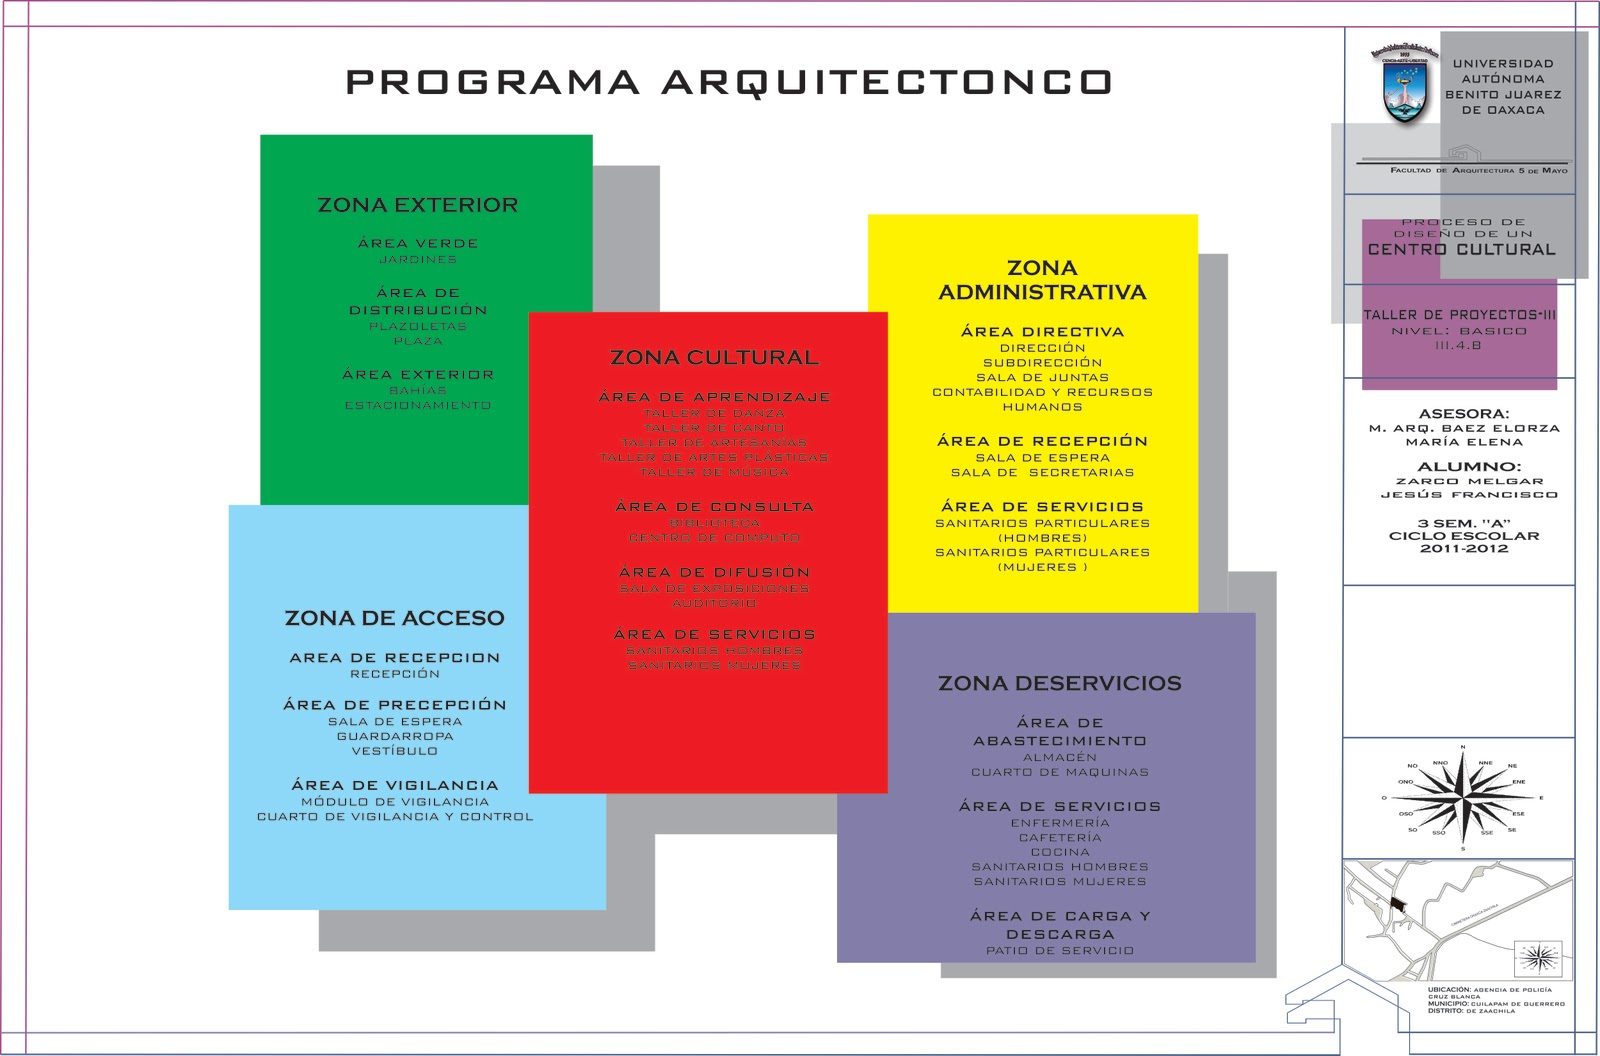 Proceso de dise o arquitectonico de centro cultural for Ejemplo de programa de necesidades arquitectura